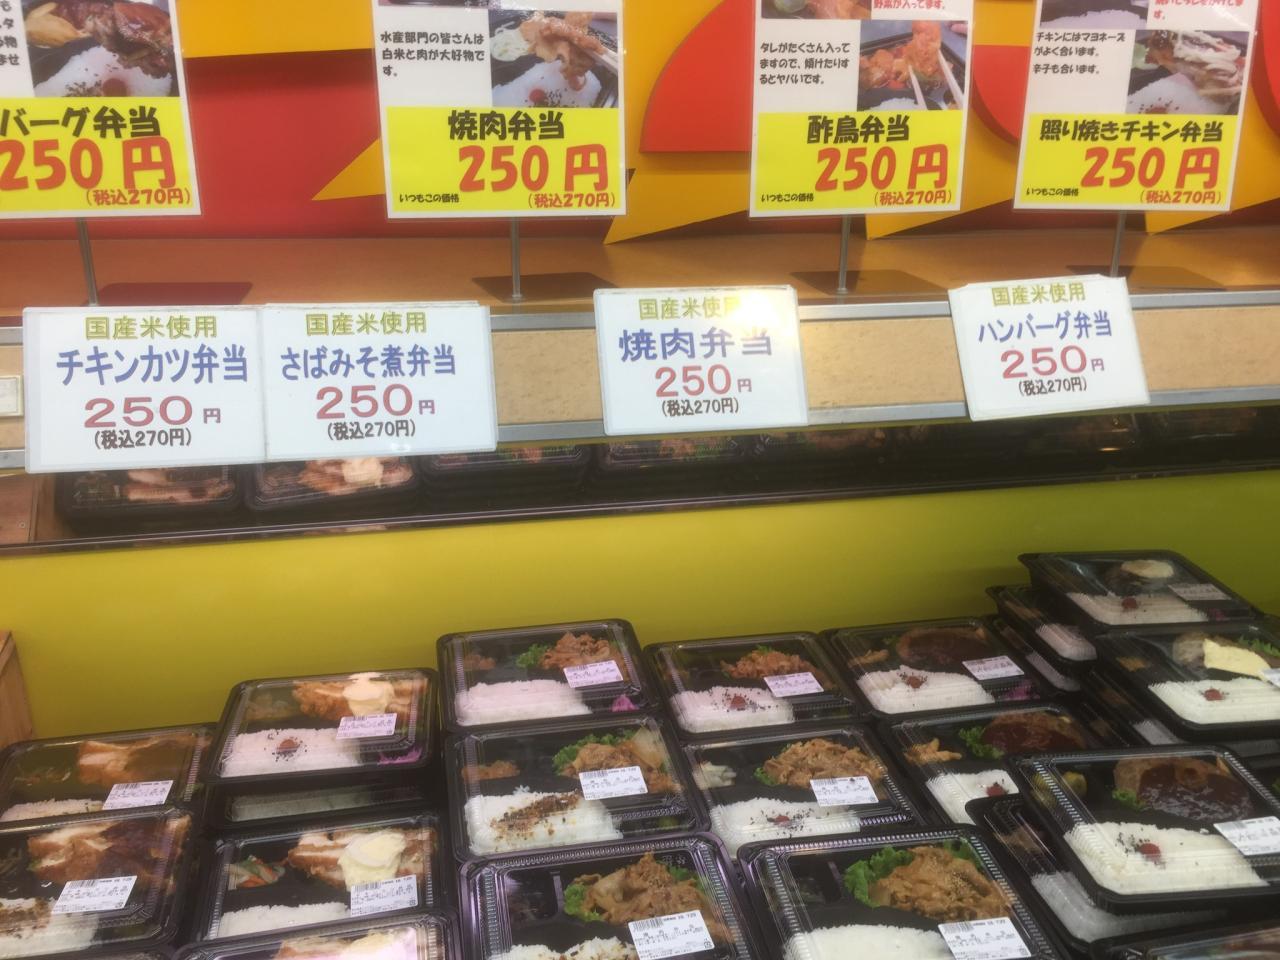 豪華な250円弁当!十和田市のヤマヨスーパー